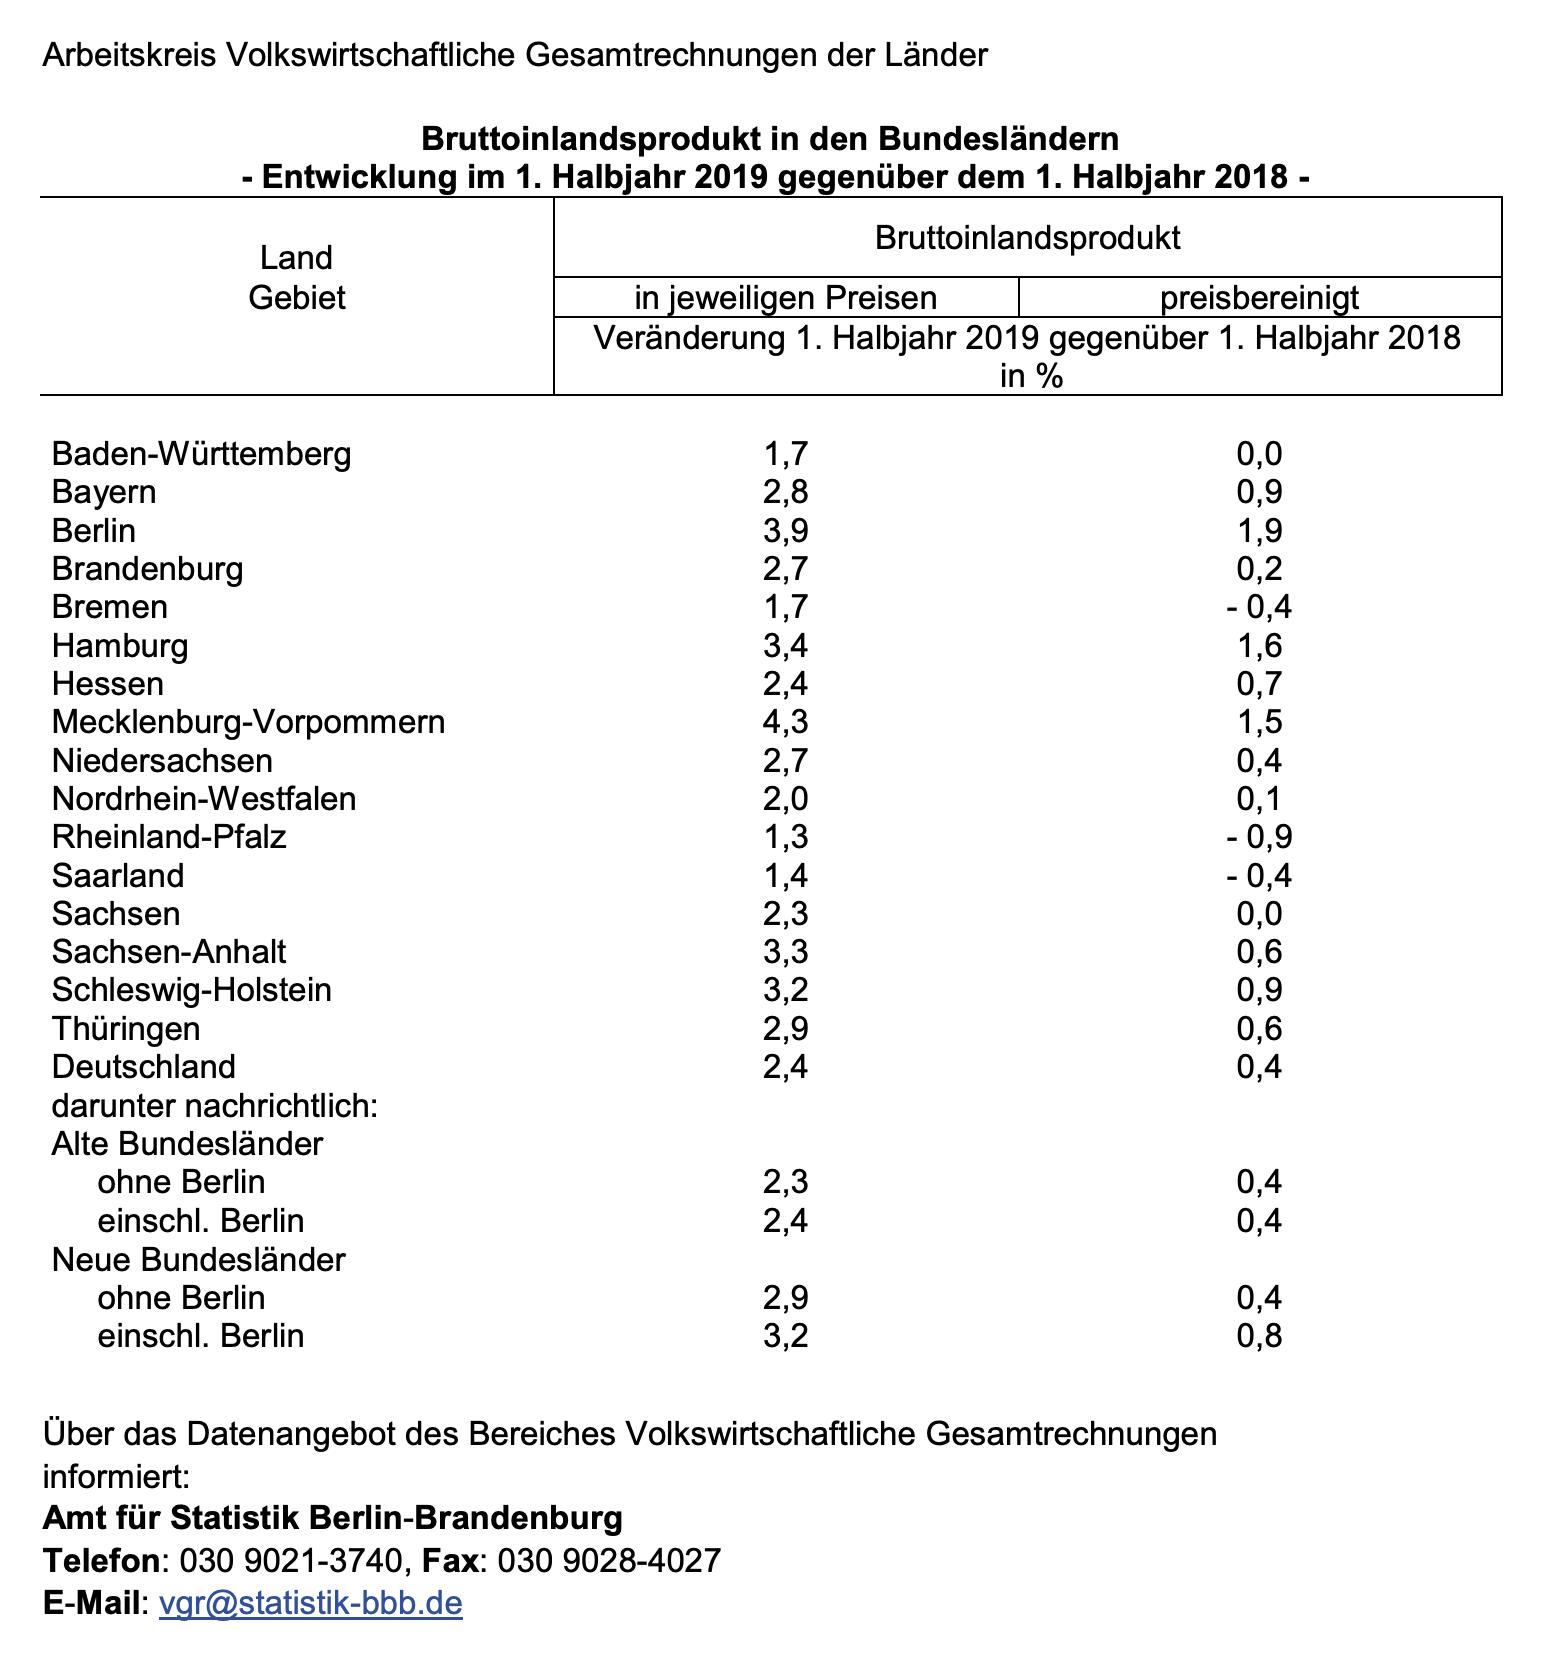 BIP-Wachstum Bundesländer